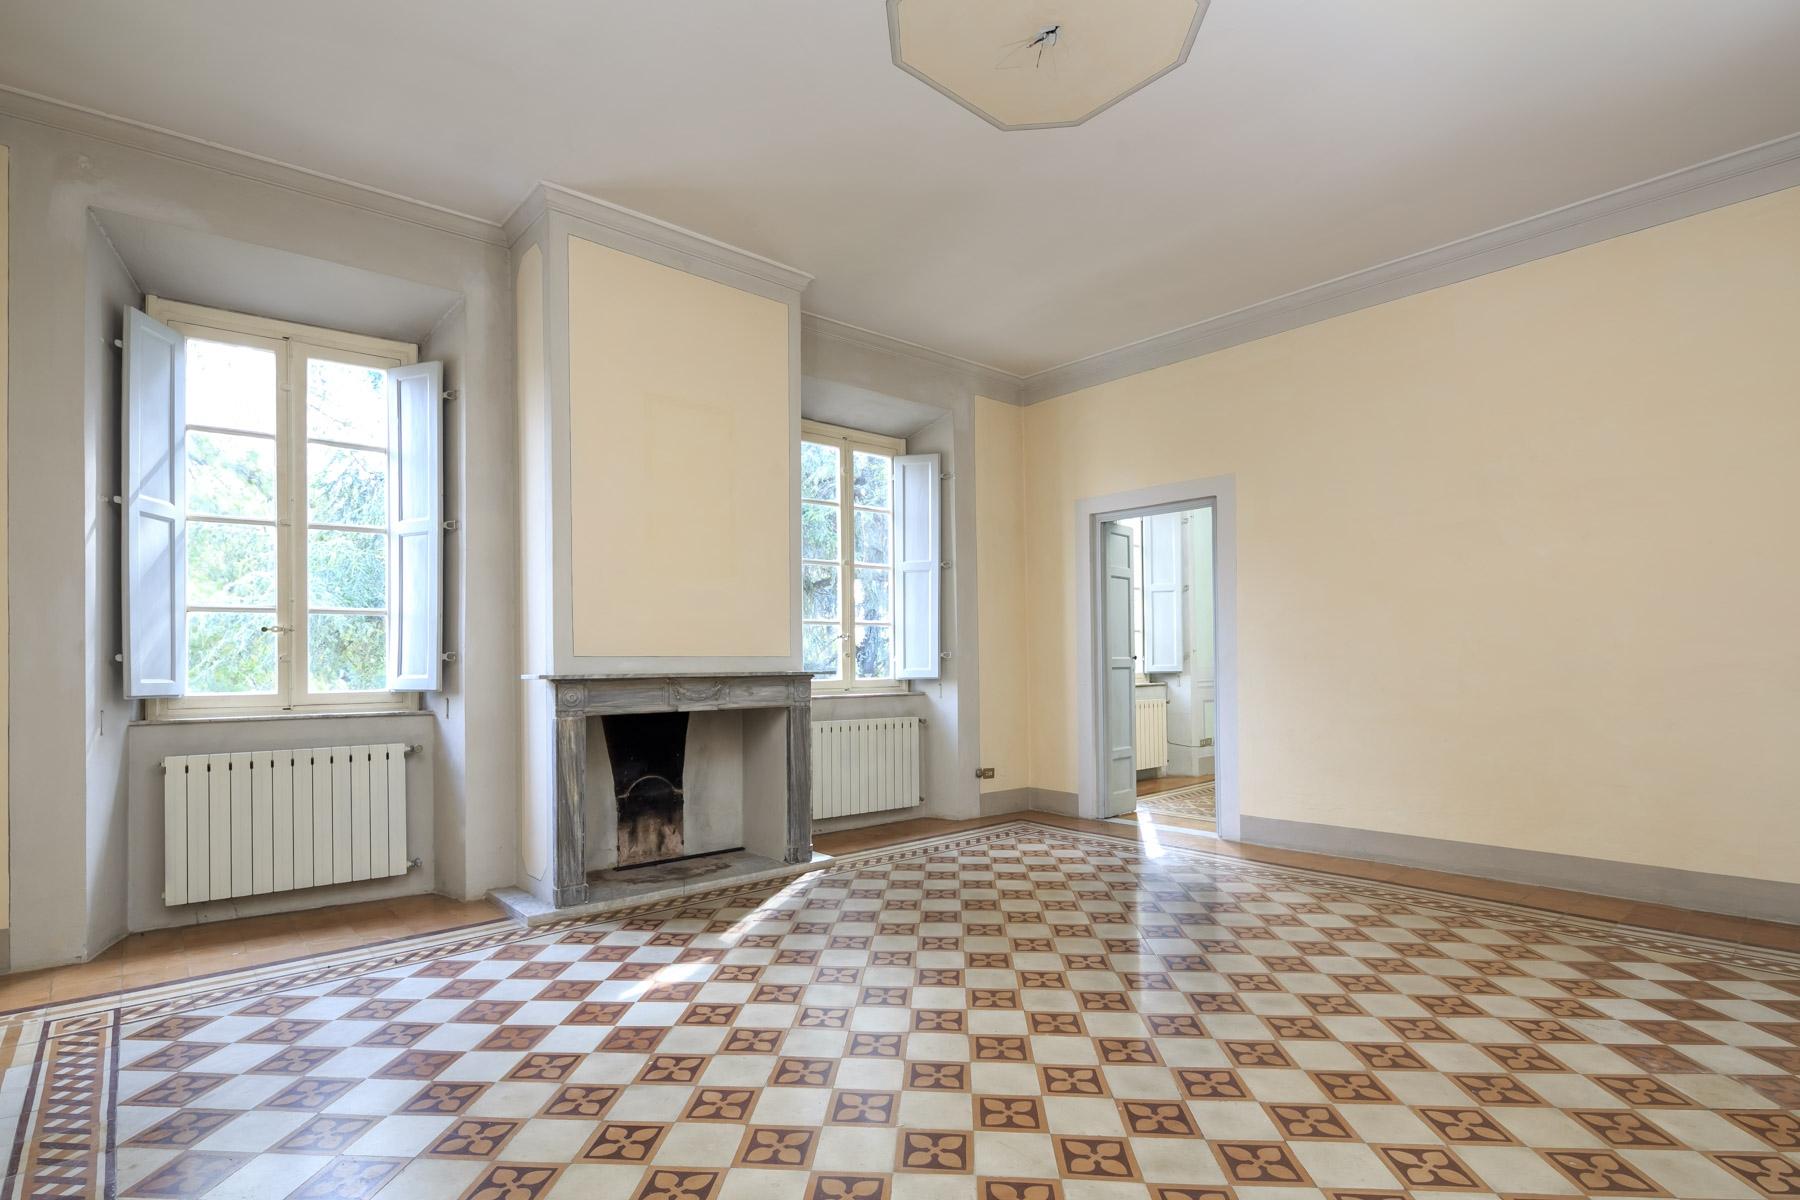 Appartamento in Vendita a Lucca: 5 locali, 251 mq - Foto 2